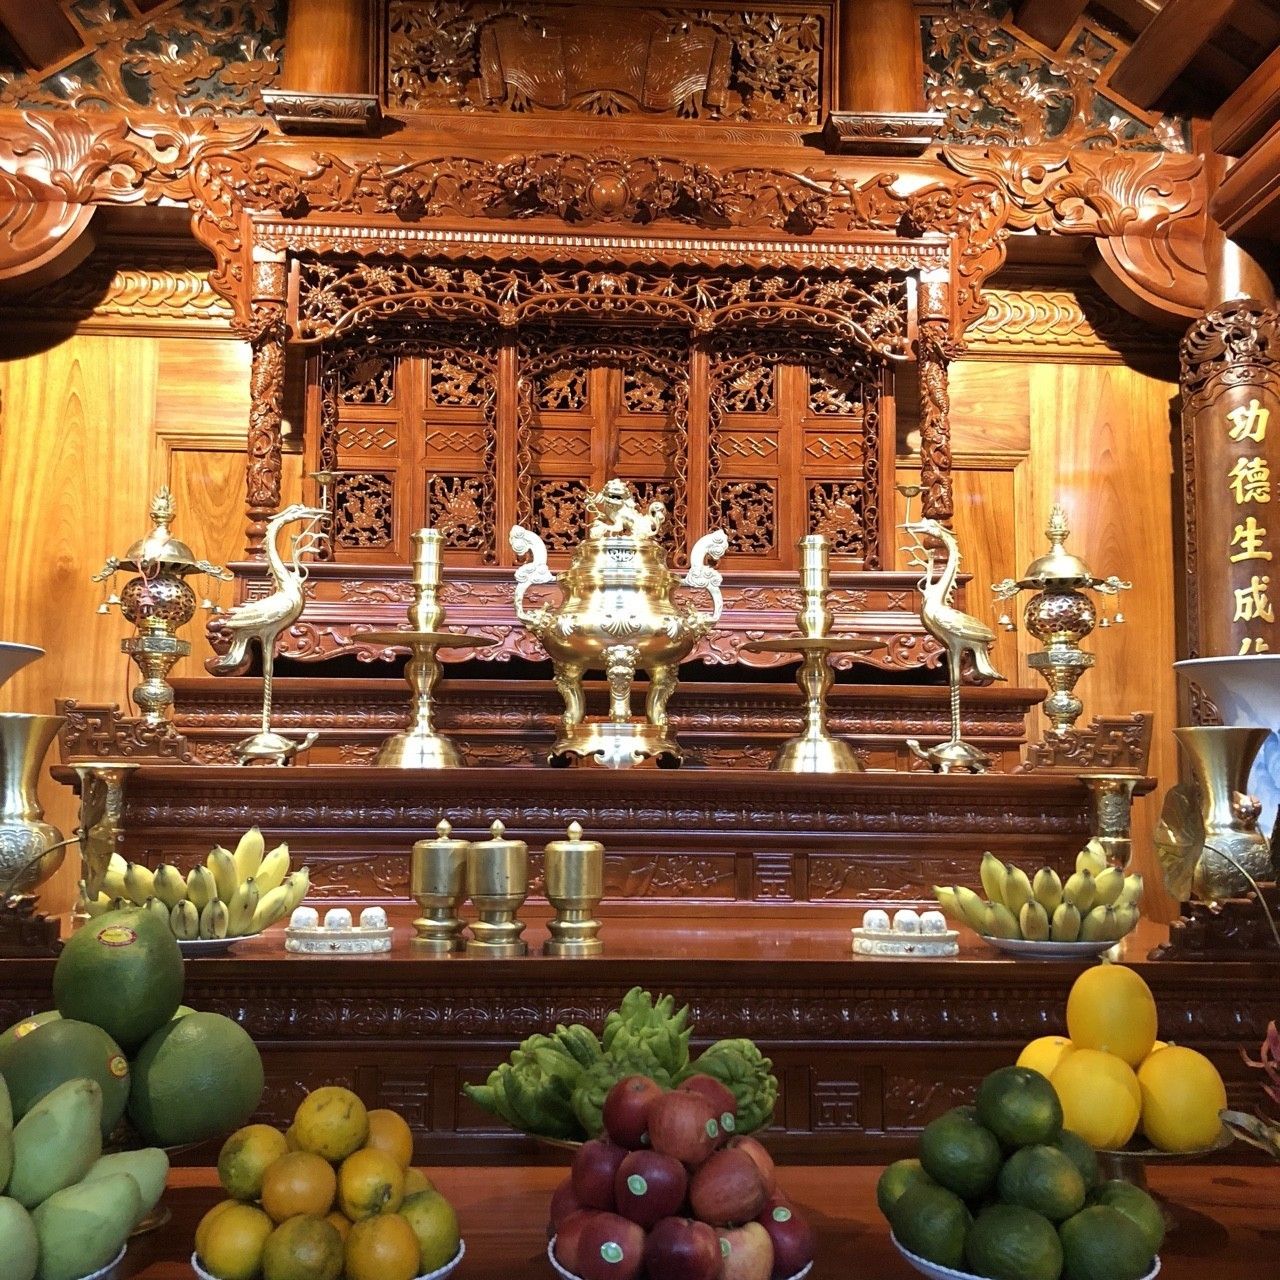 Bộ đỉnh đồng vàng cao 60 cm, bộ ngũ sự đồng vàng cho ban thờ 1m97